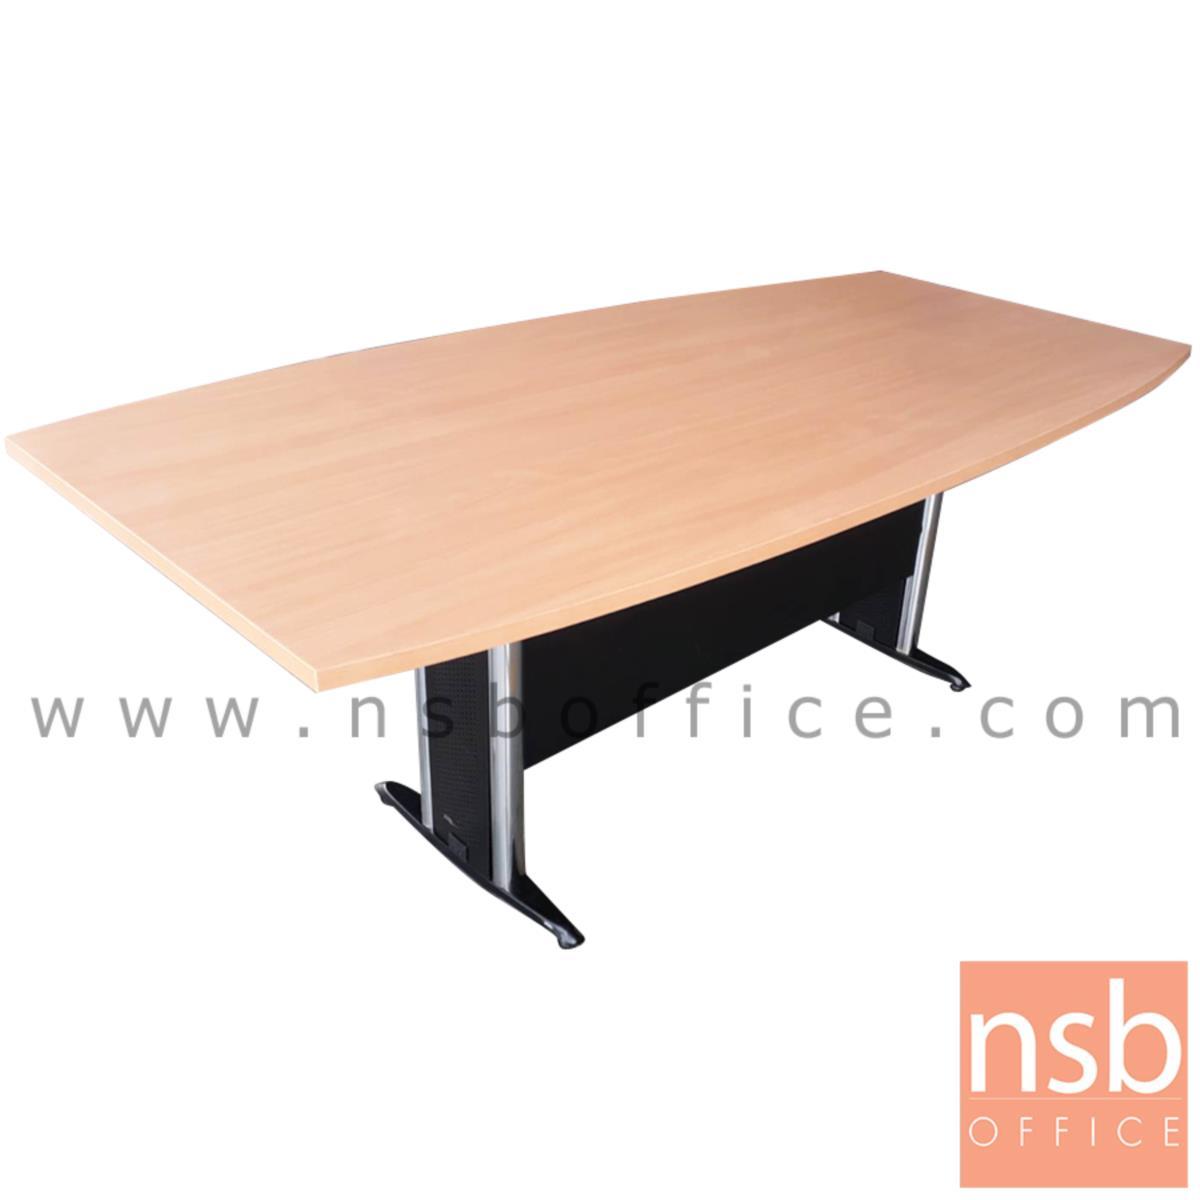 โต๊ะประชุมทรงเรือ รุ่น TABLE-WMT ขนาด 200W ,240W cm. พร้อมบังโป๊ไม้ ขาเหล็กตัวที